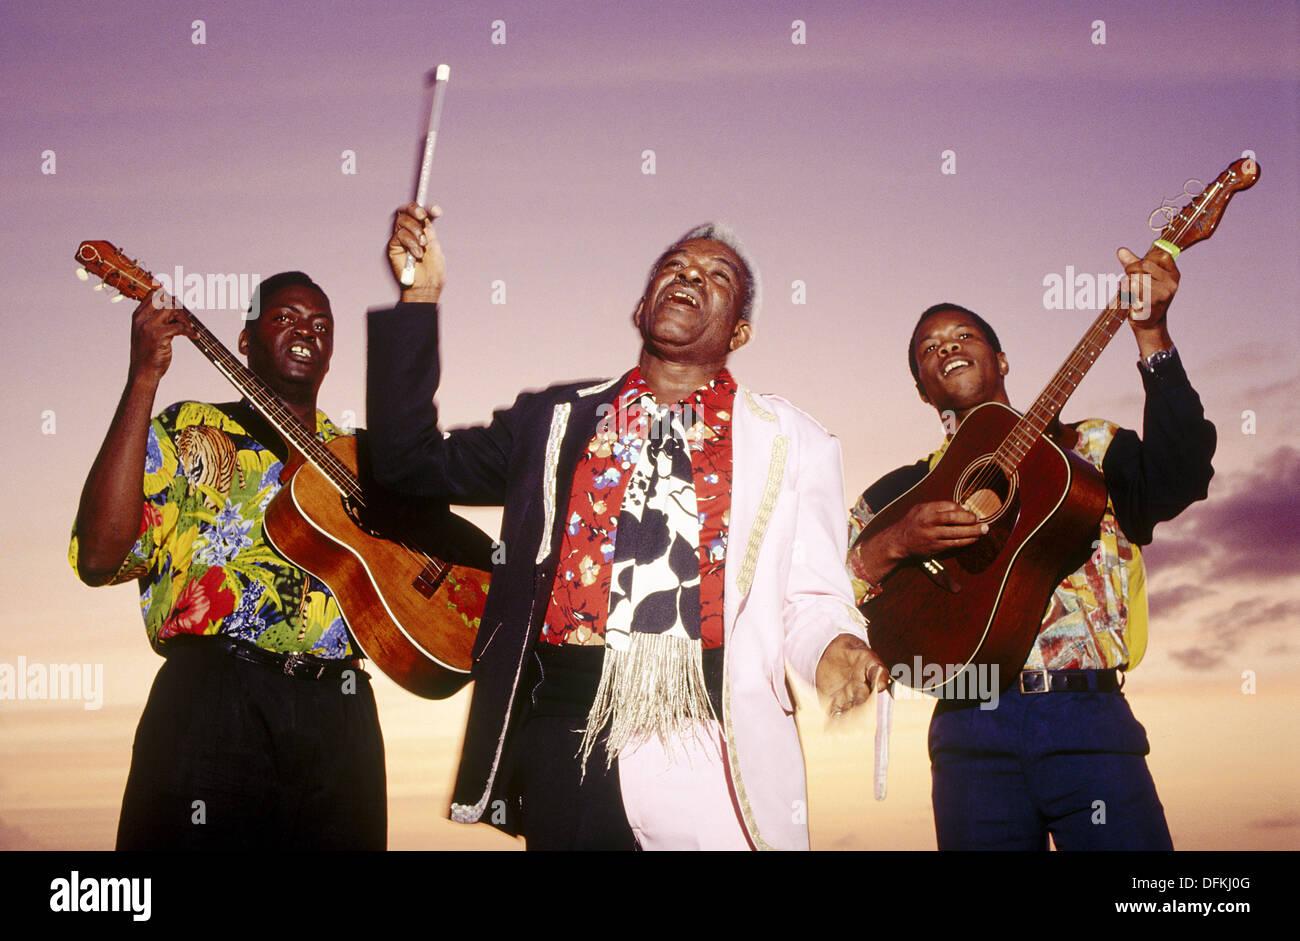 musica para belem calypso